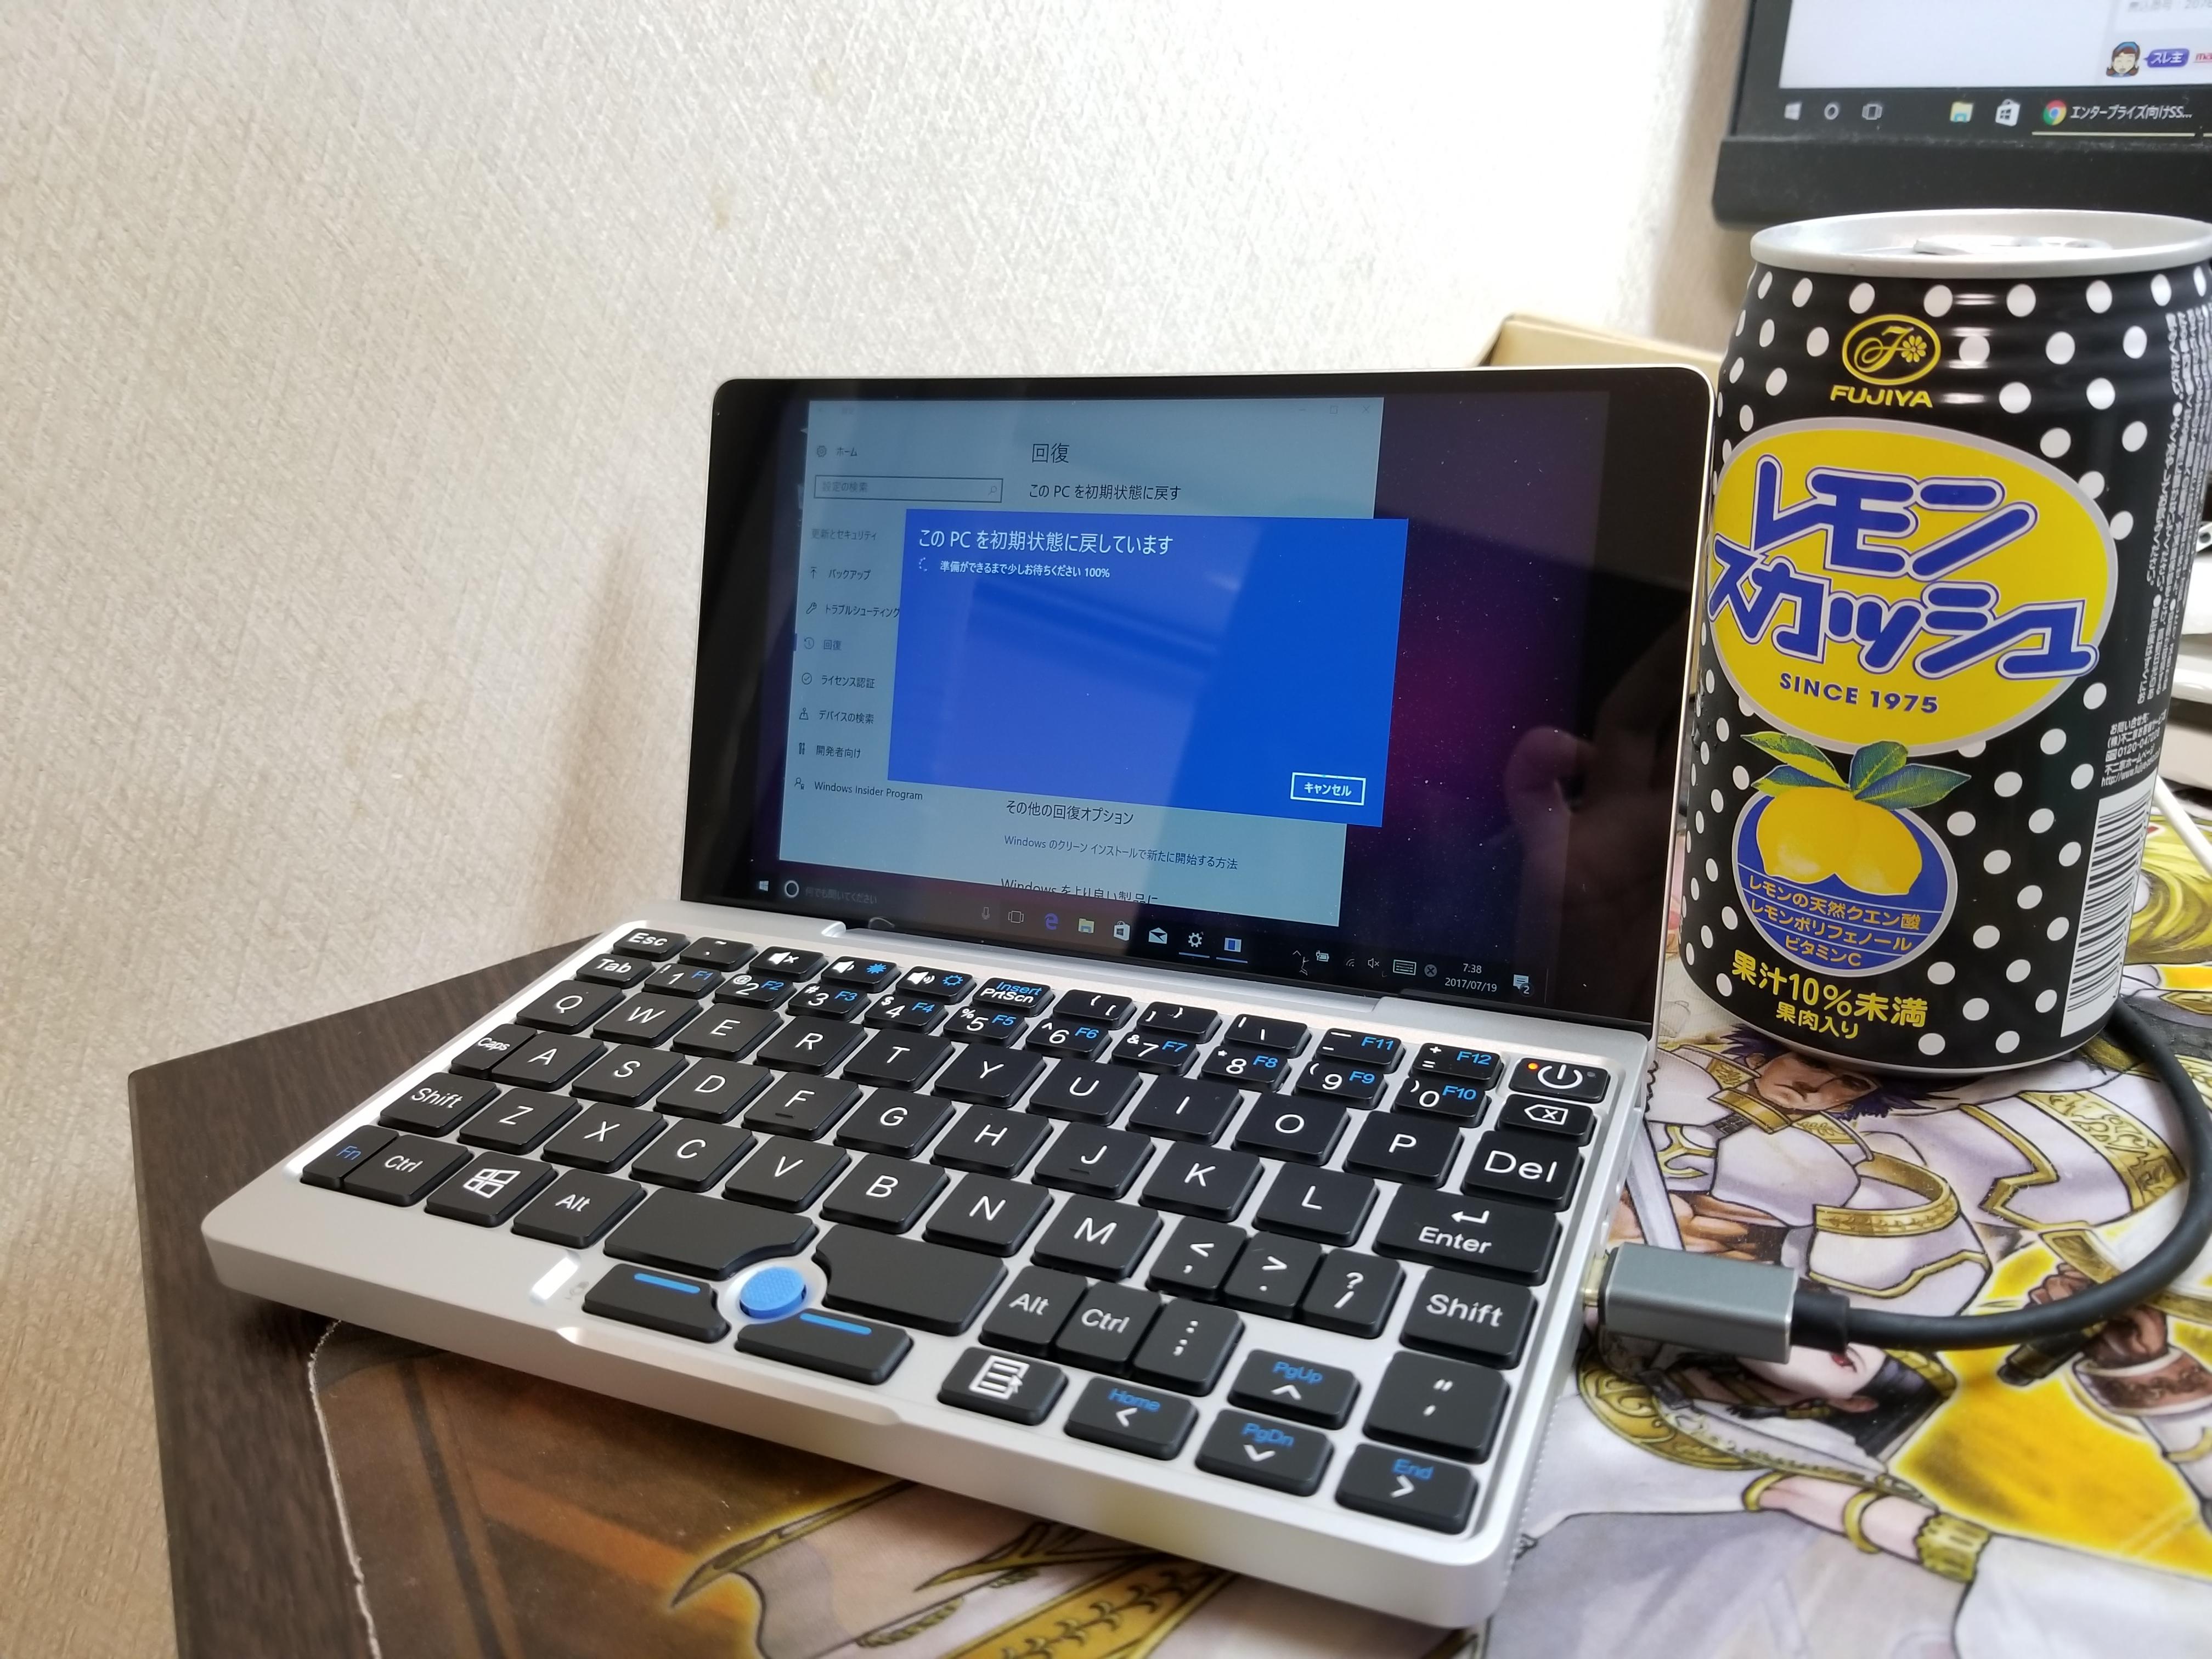 INDIEGOGOで出資していた日本人向けのGPD Pocket198台が7月19日に追加発送 #GPD #GPDPocket